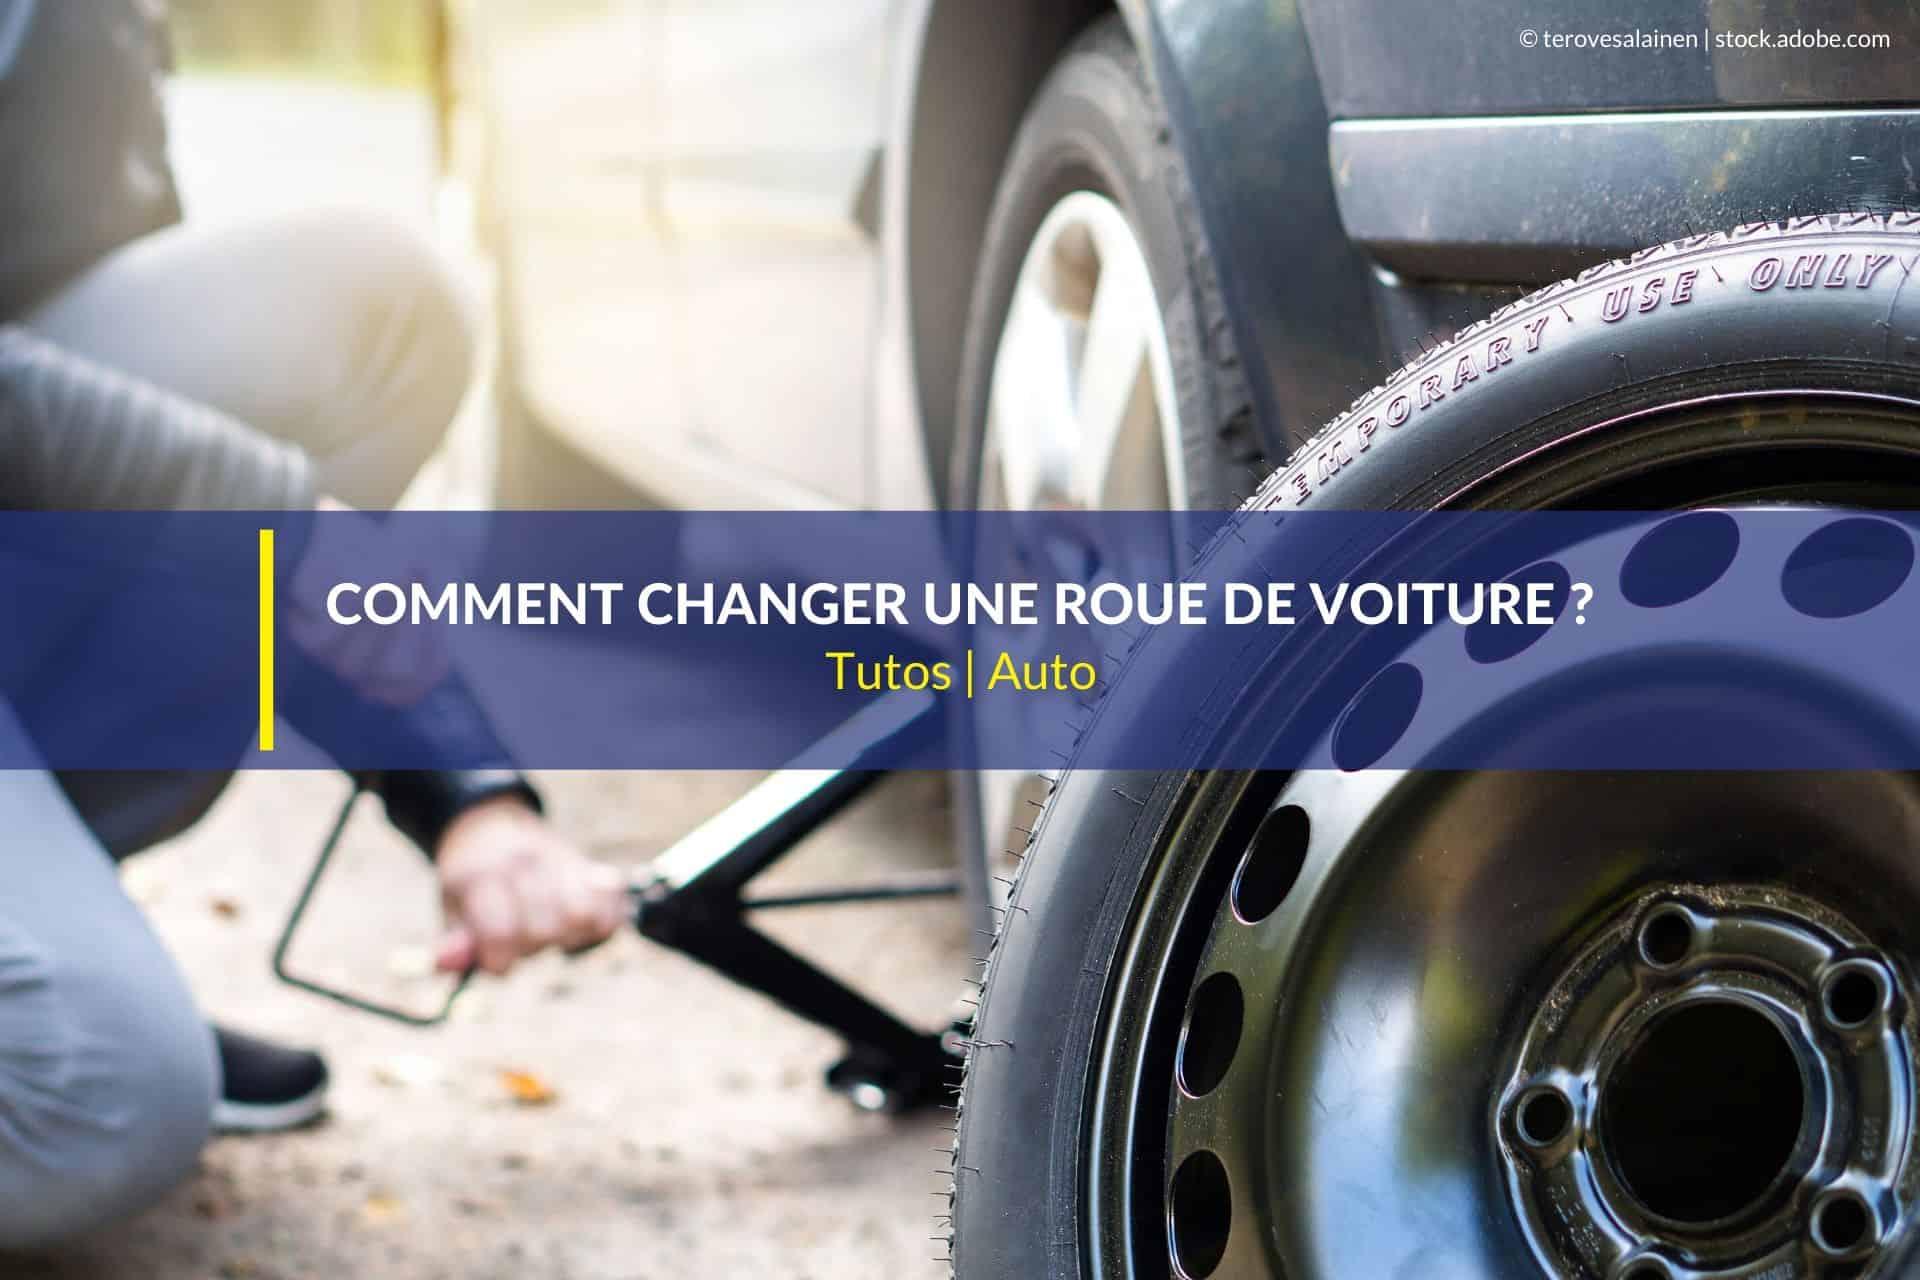 comment changer une roue de voiture (1)